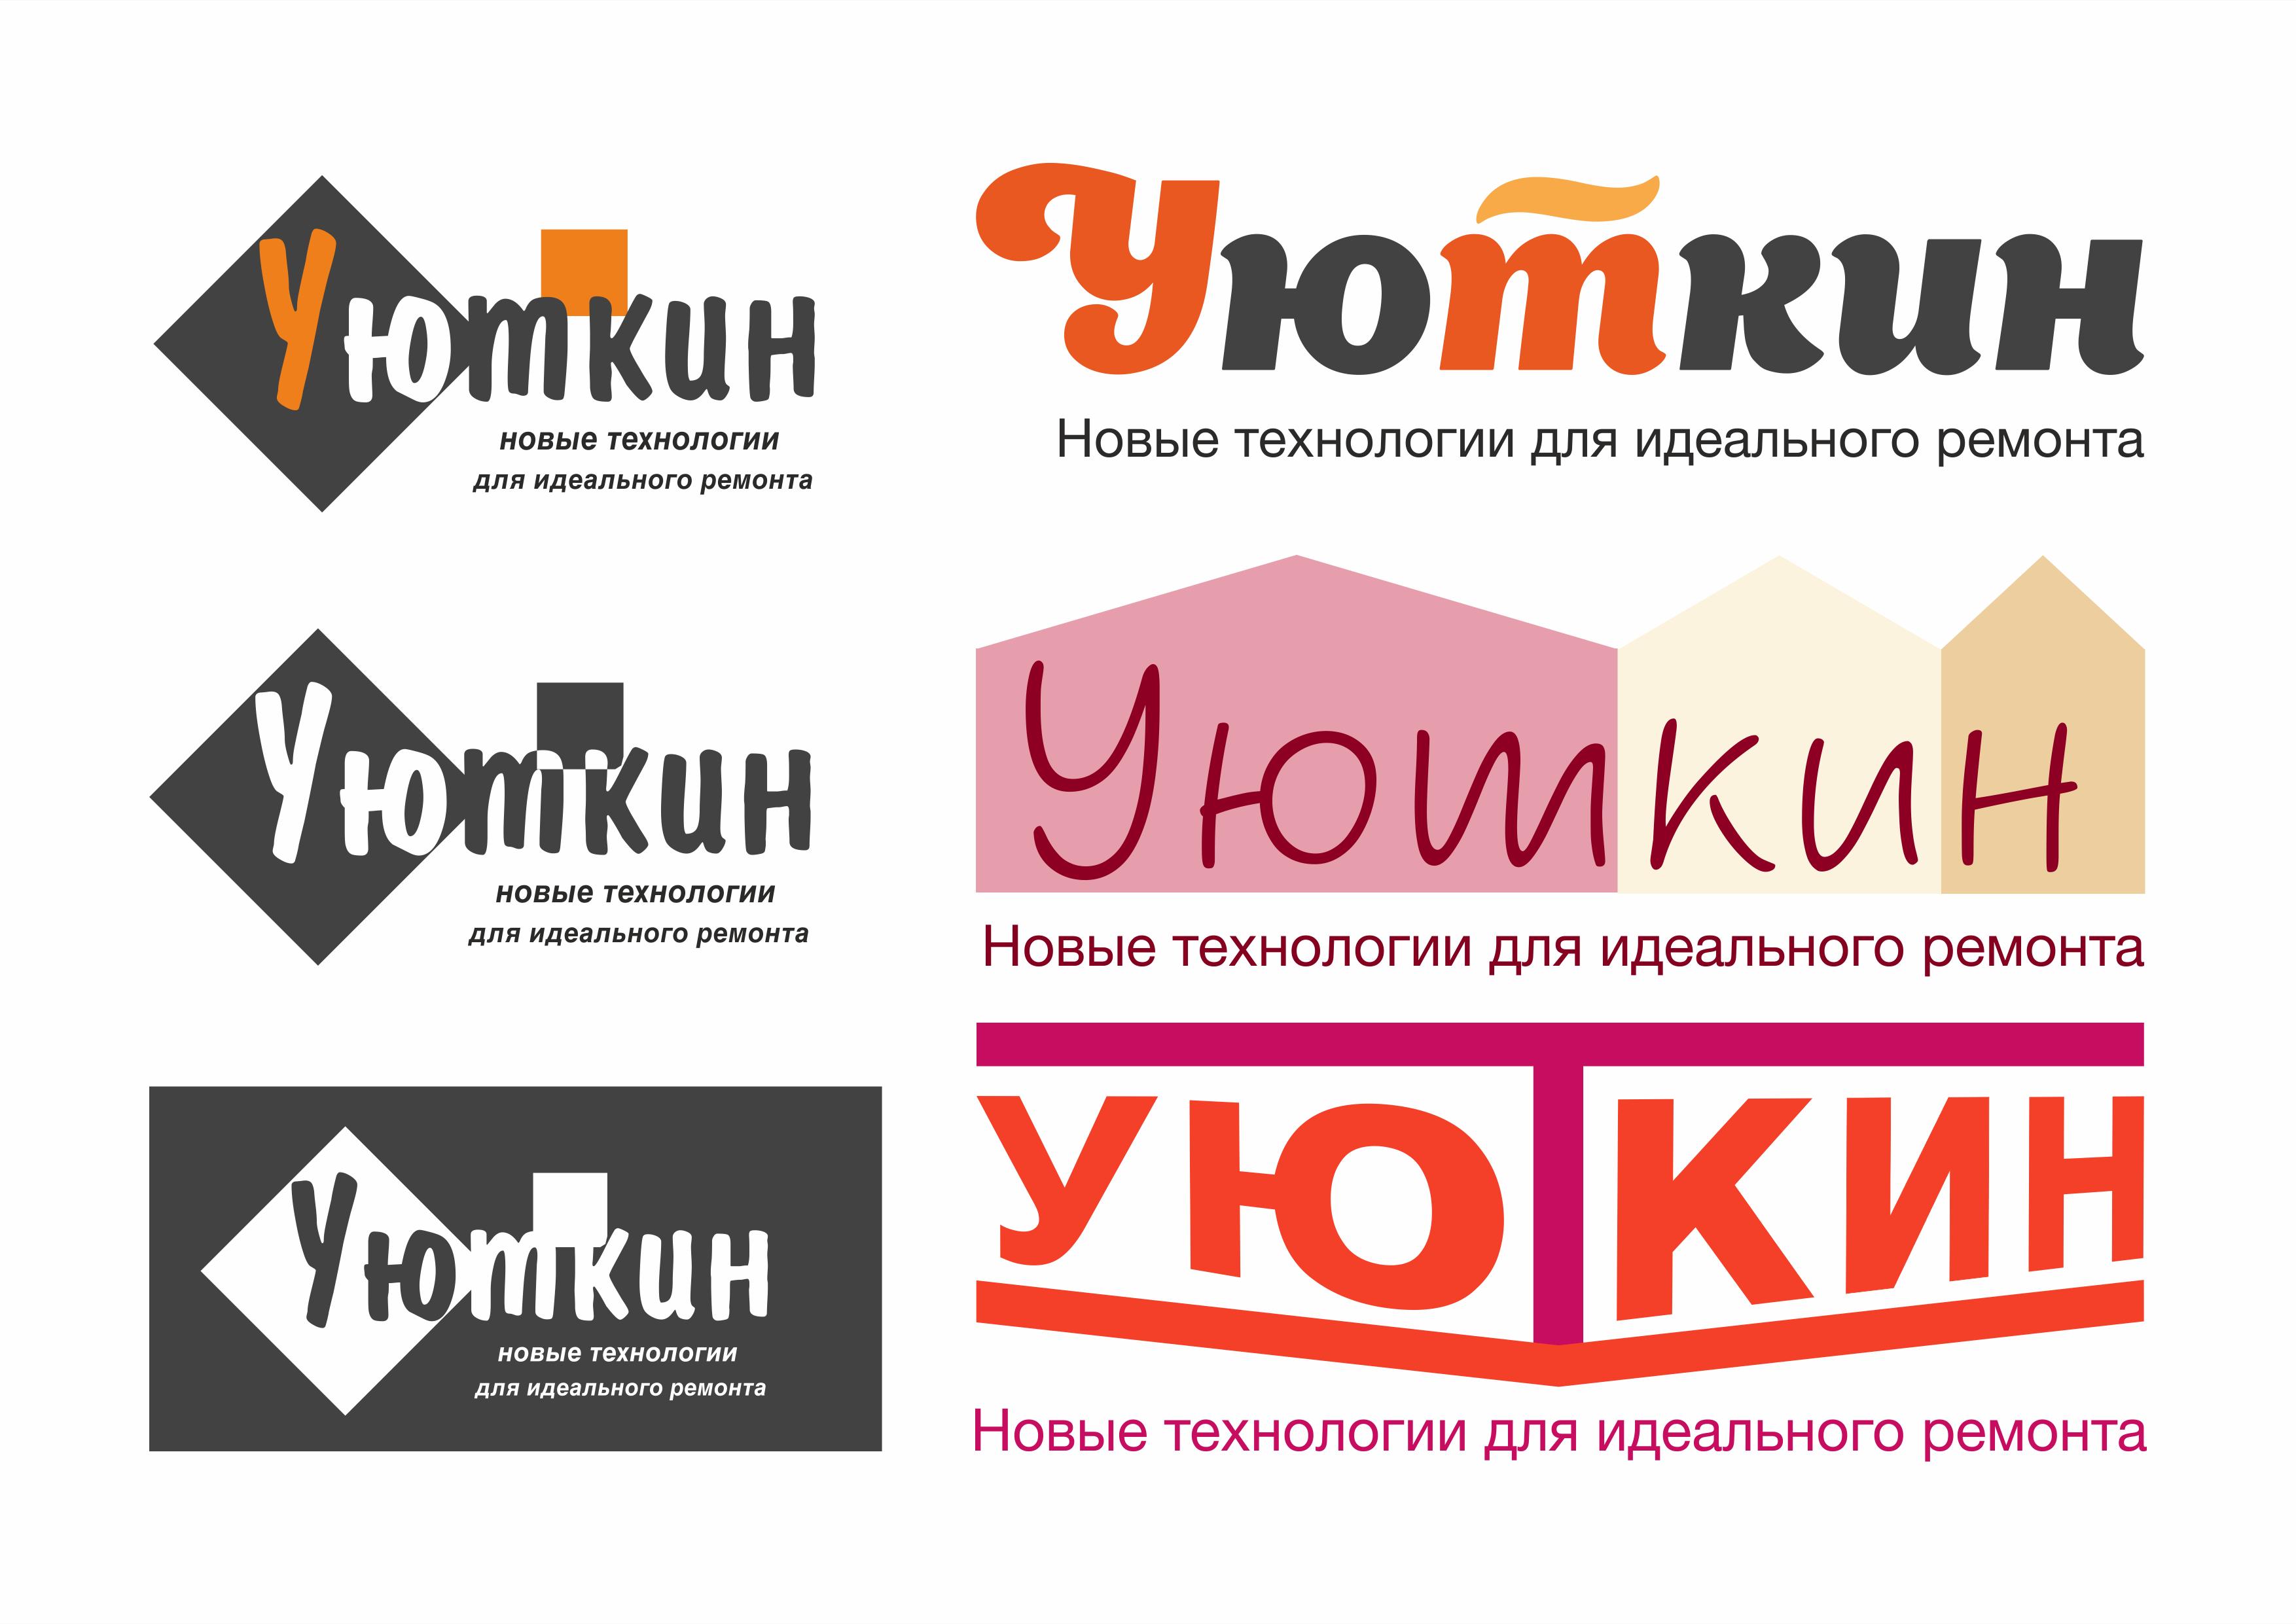 Создание логотипа и стиля сайта фото f_8215c61ee9143066.png